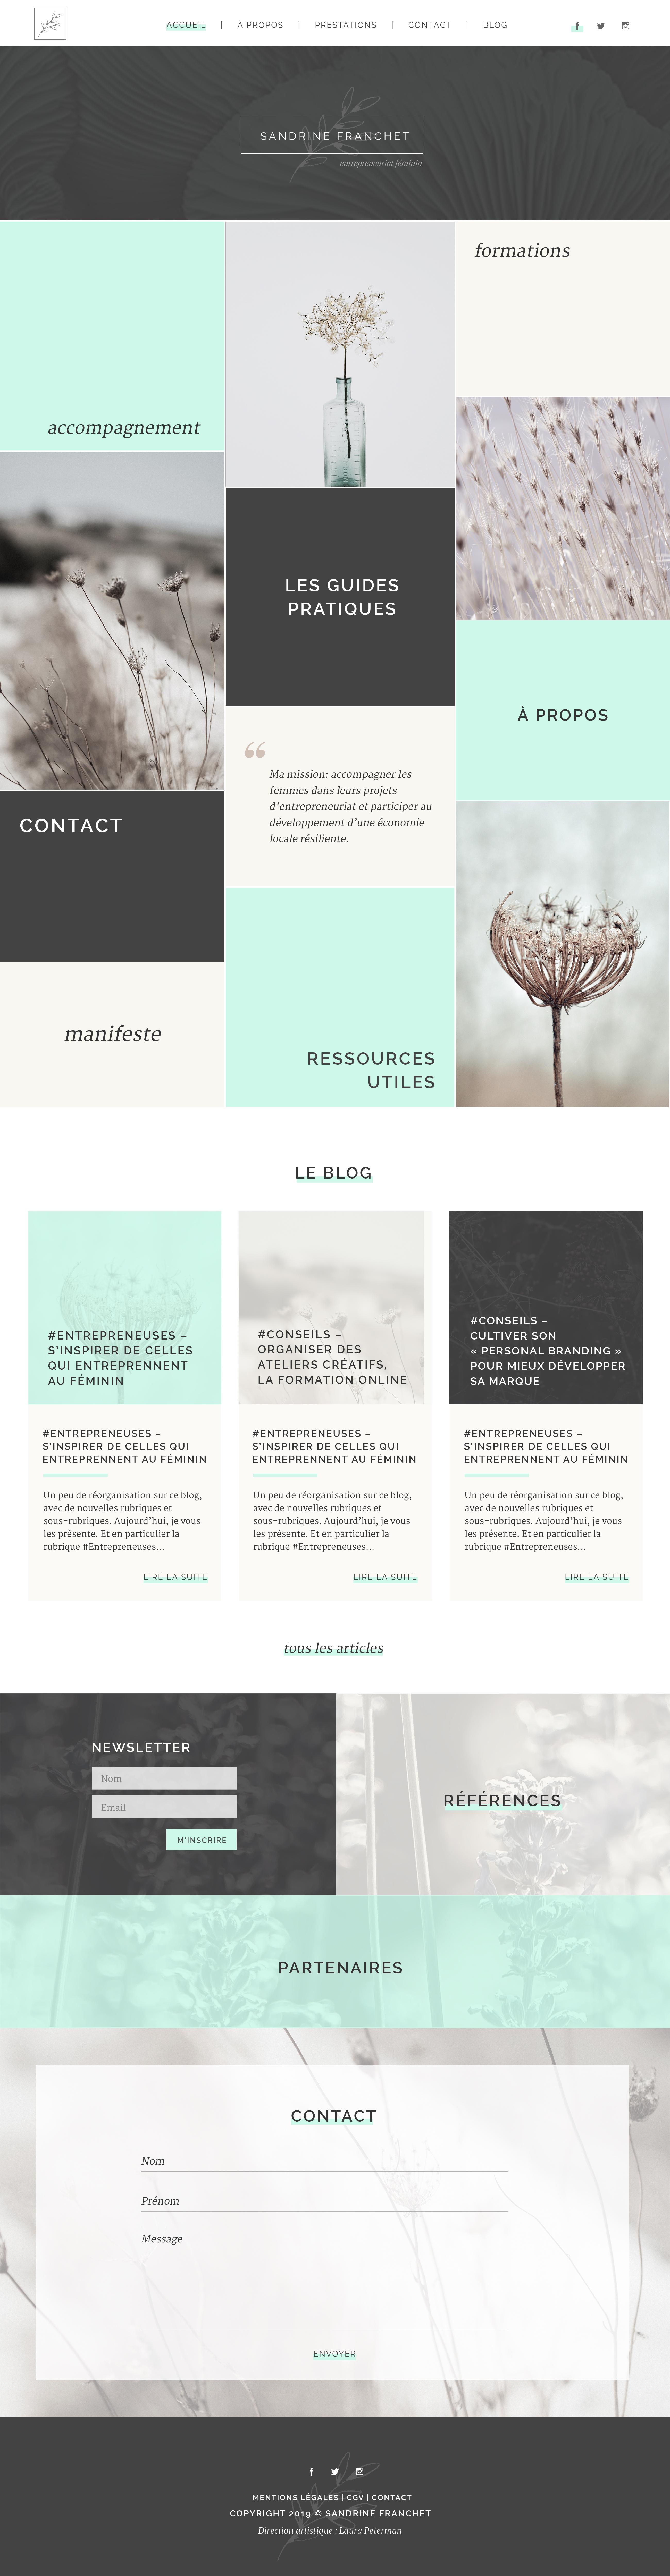 Site web réalisé pour Sandrine Franchet